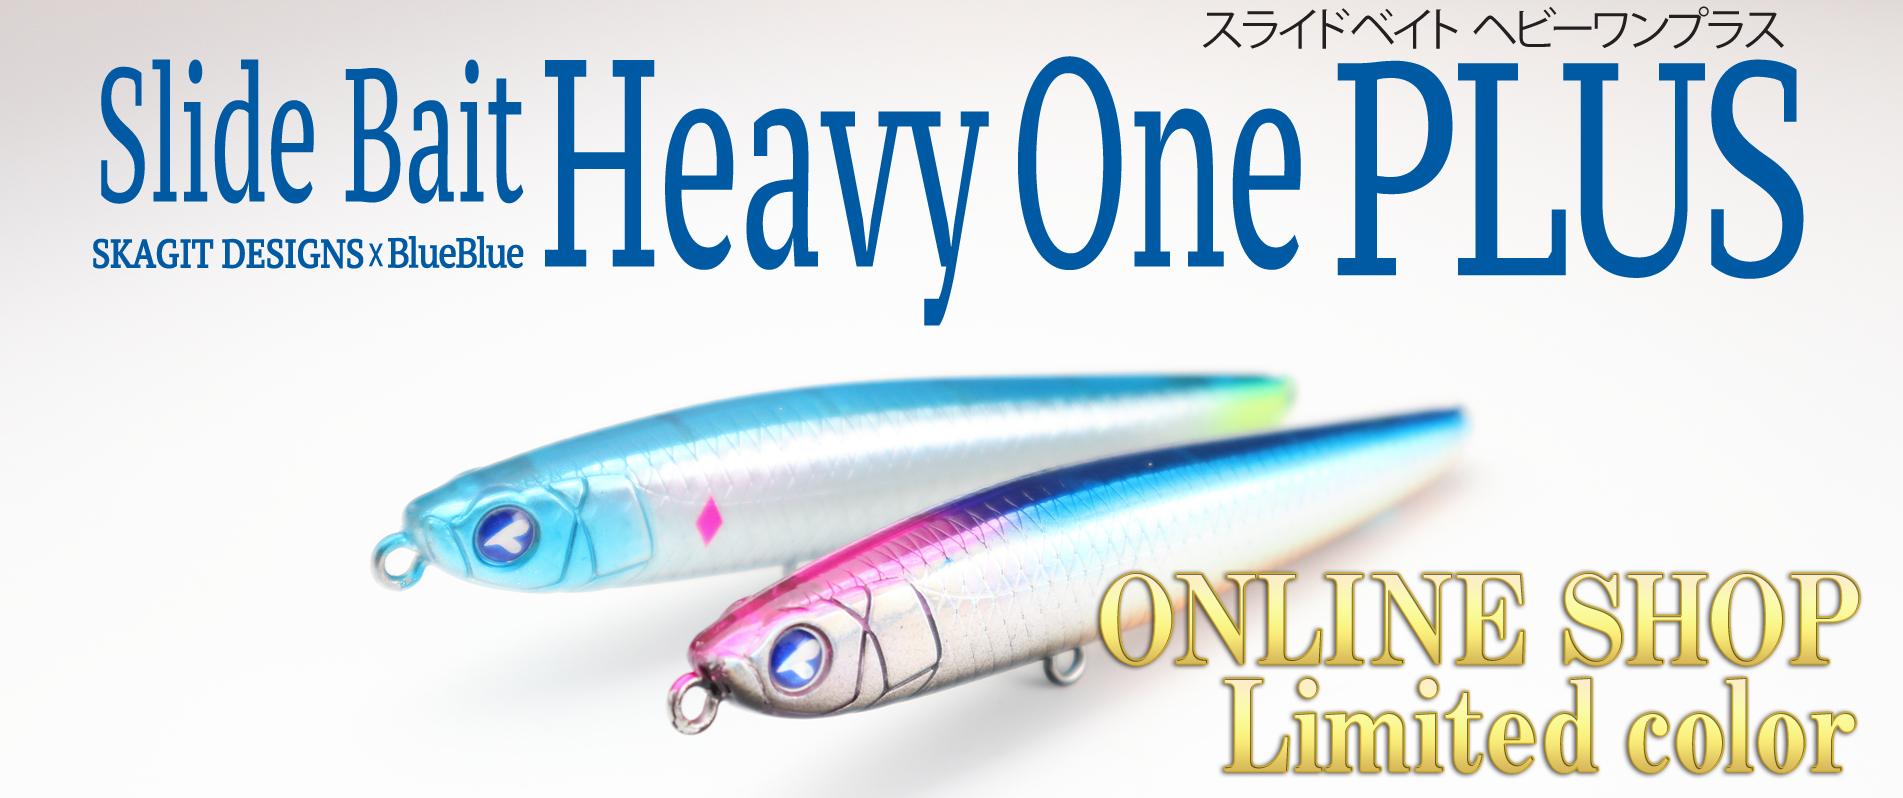 heavy one plus